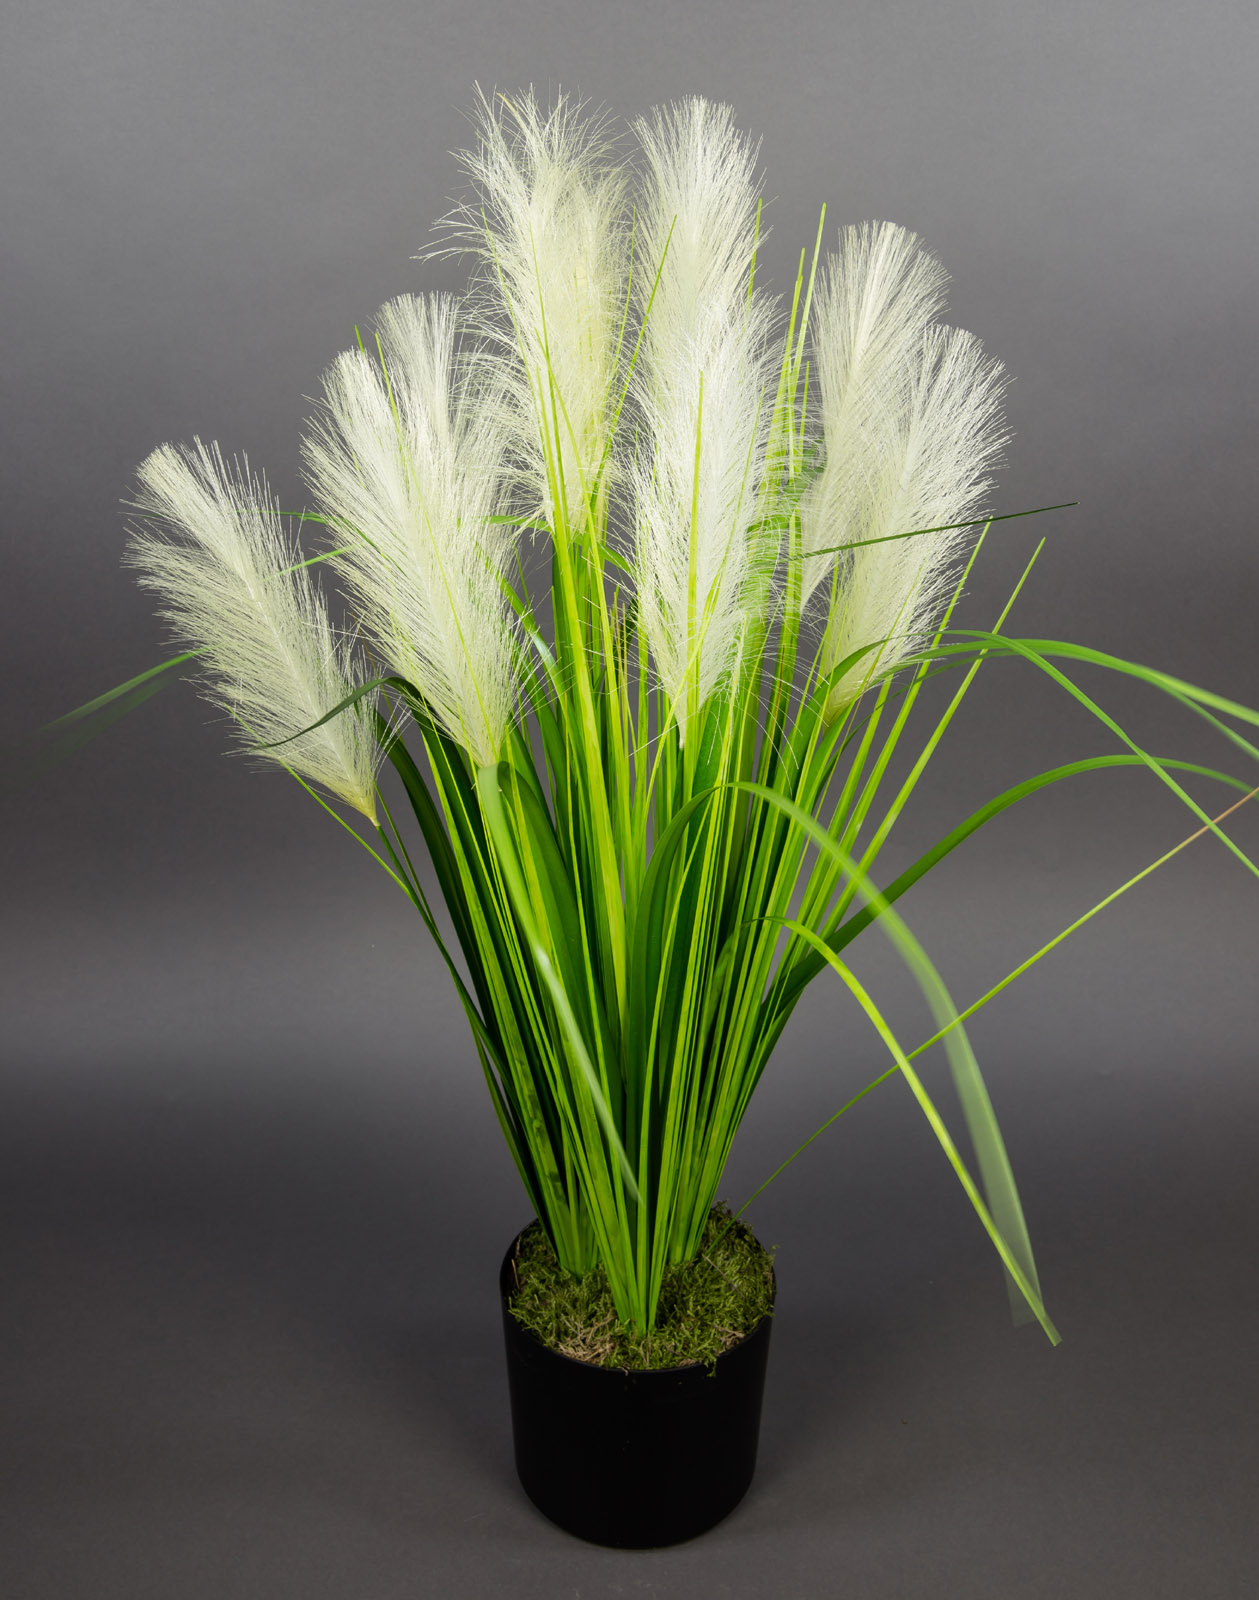 palmengrasbusch 75cm im topf dp kunstpflanzen k nstlicher grasbusch palmengras ebay. Black Bedroom Furniture Sets. Home Design Ideas